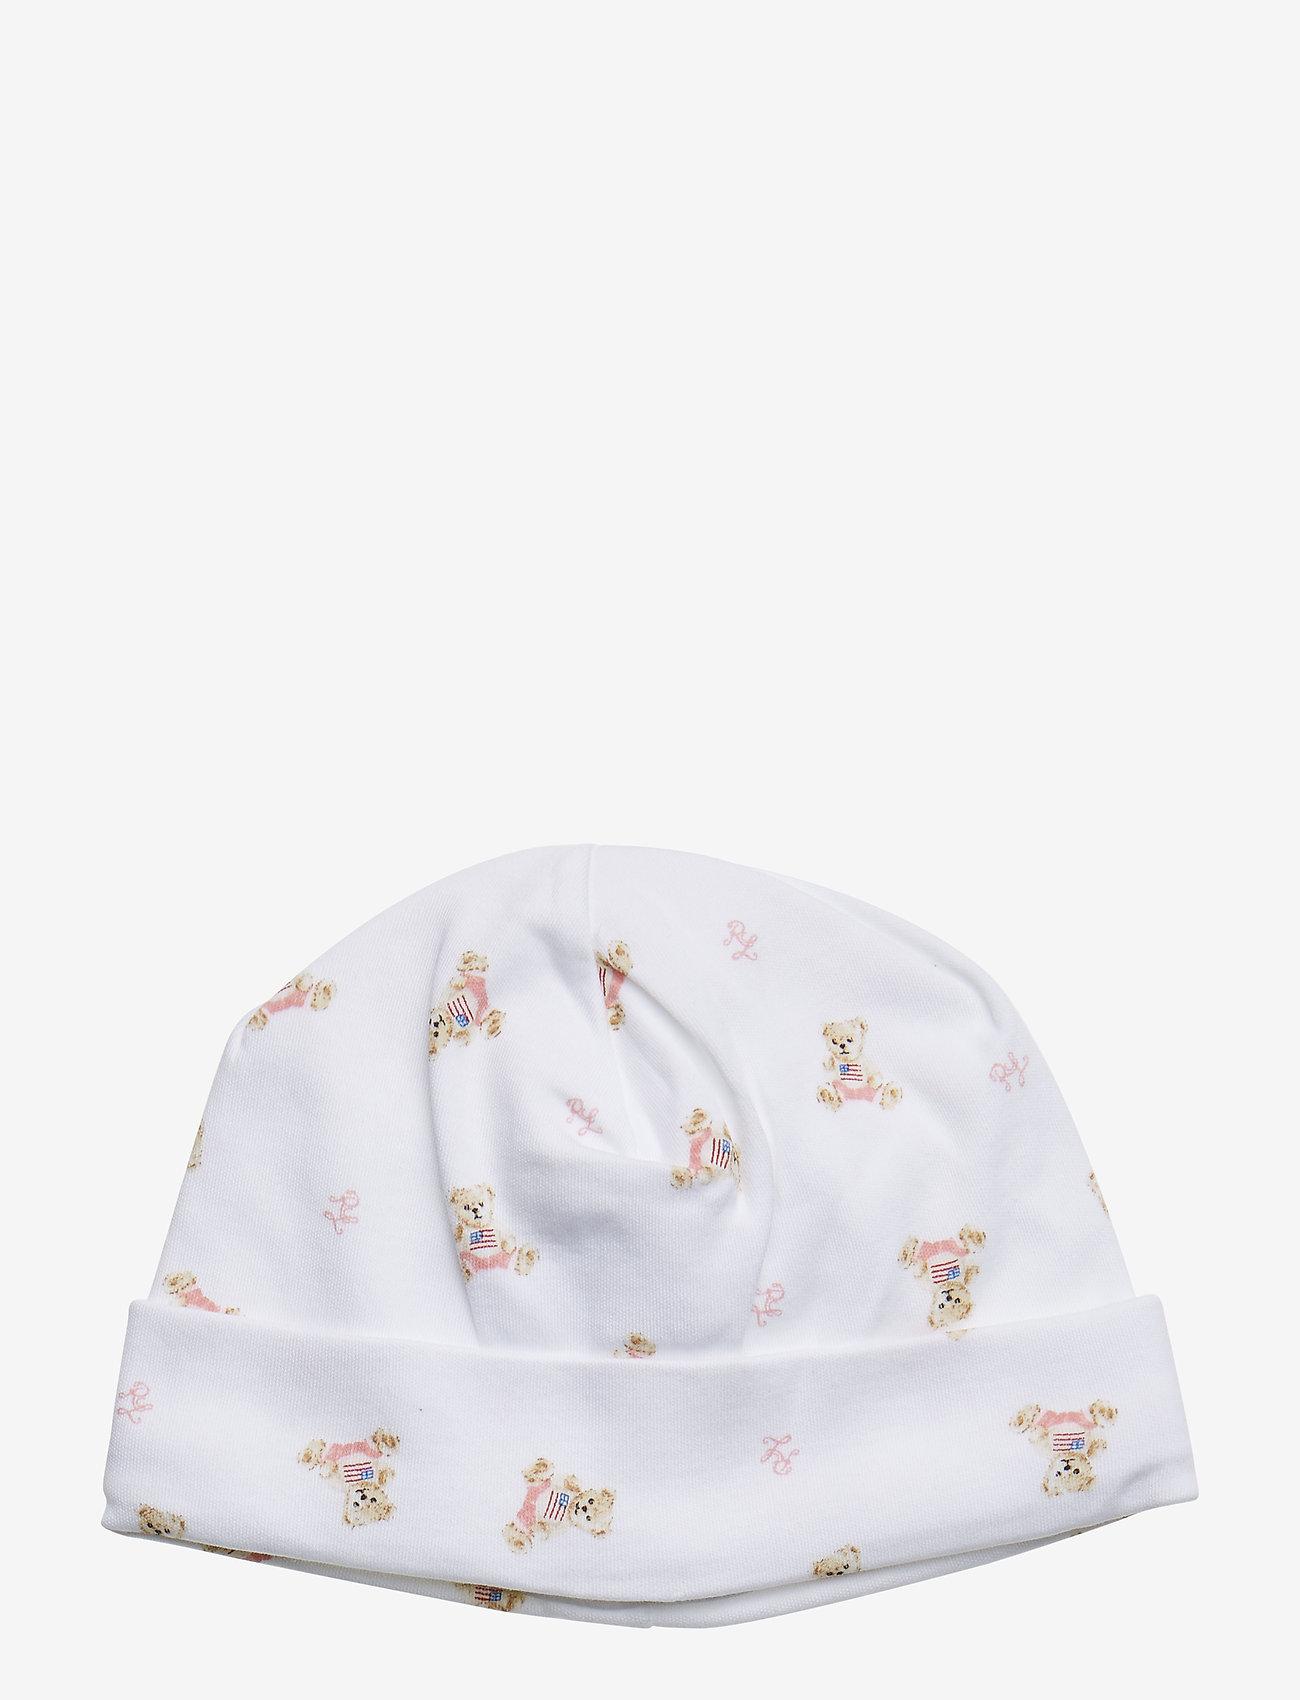 Ralph Lauren Baby - INTERLOCK-BEANIE-AC-HAT - hats - white/pink/multi - 0